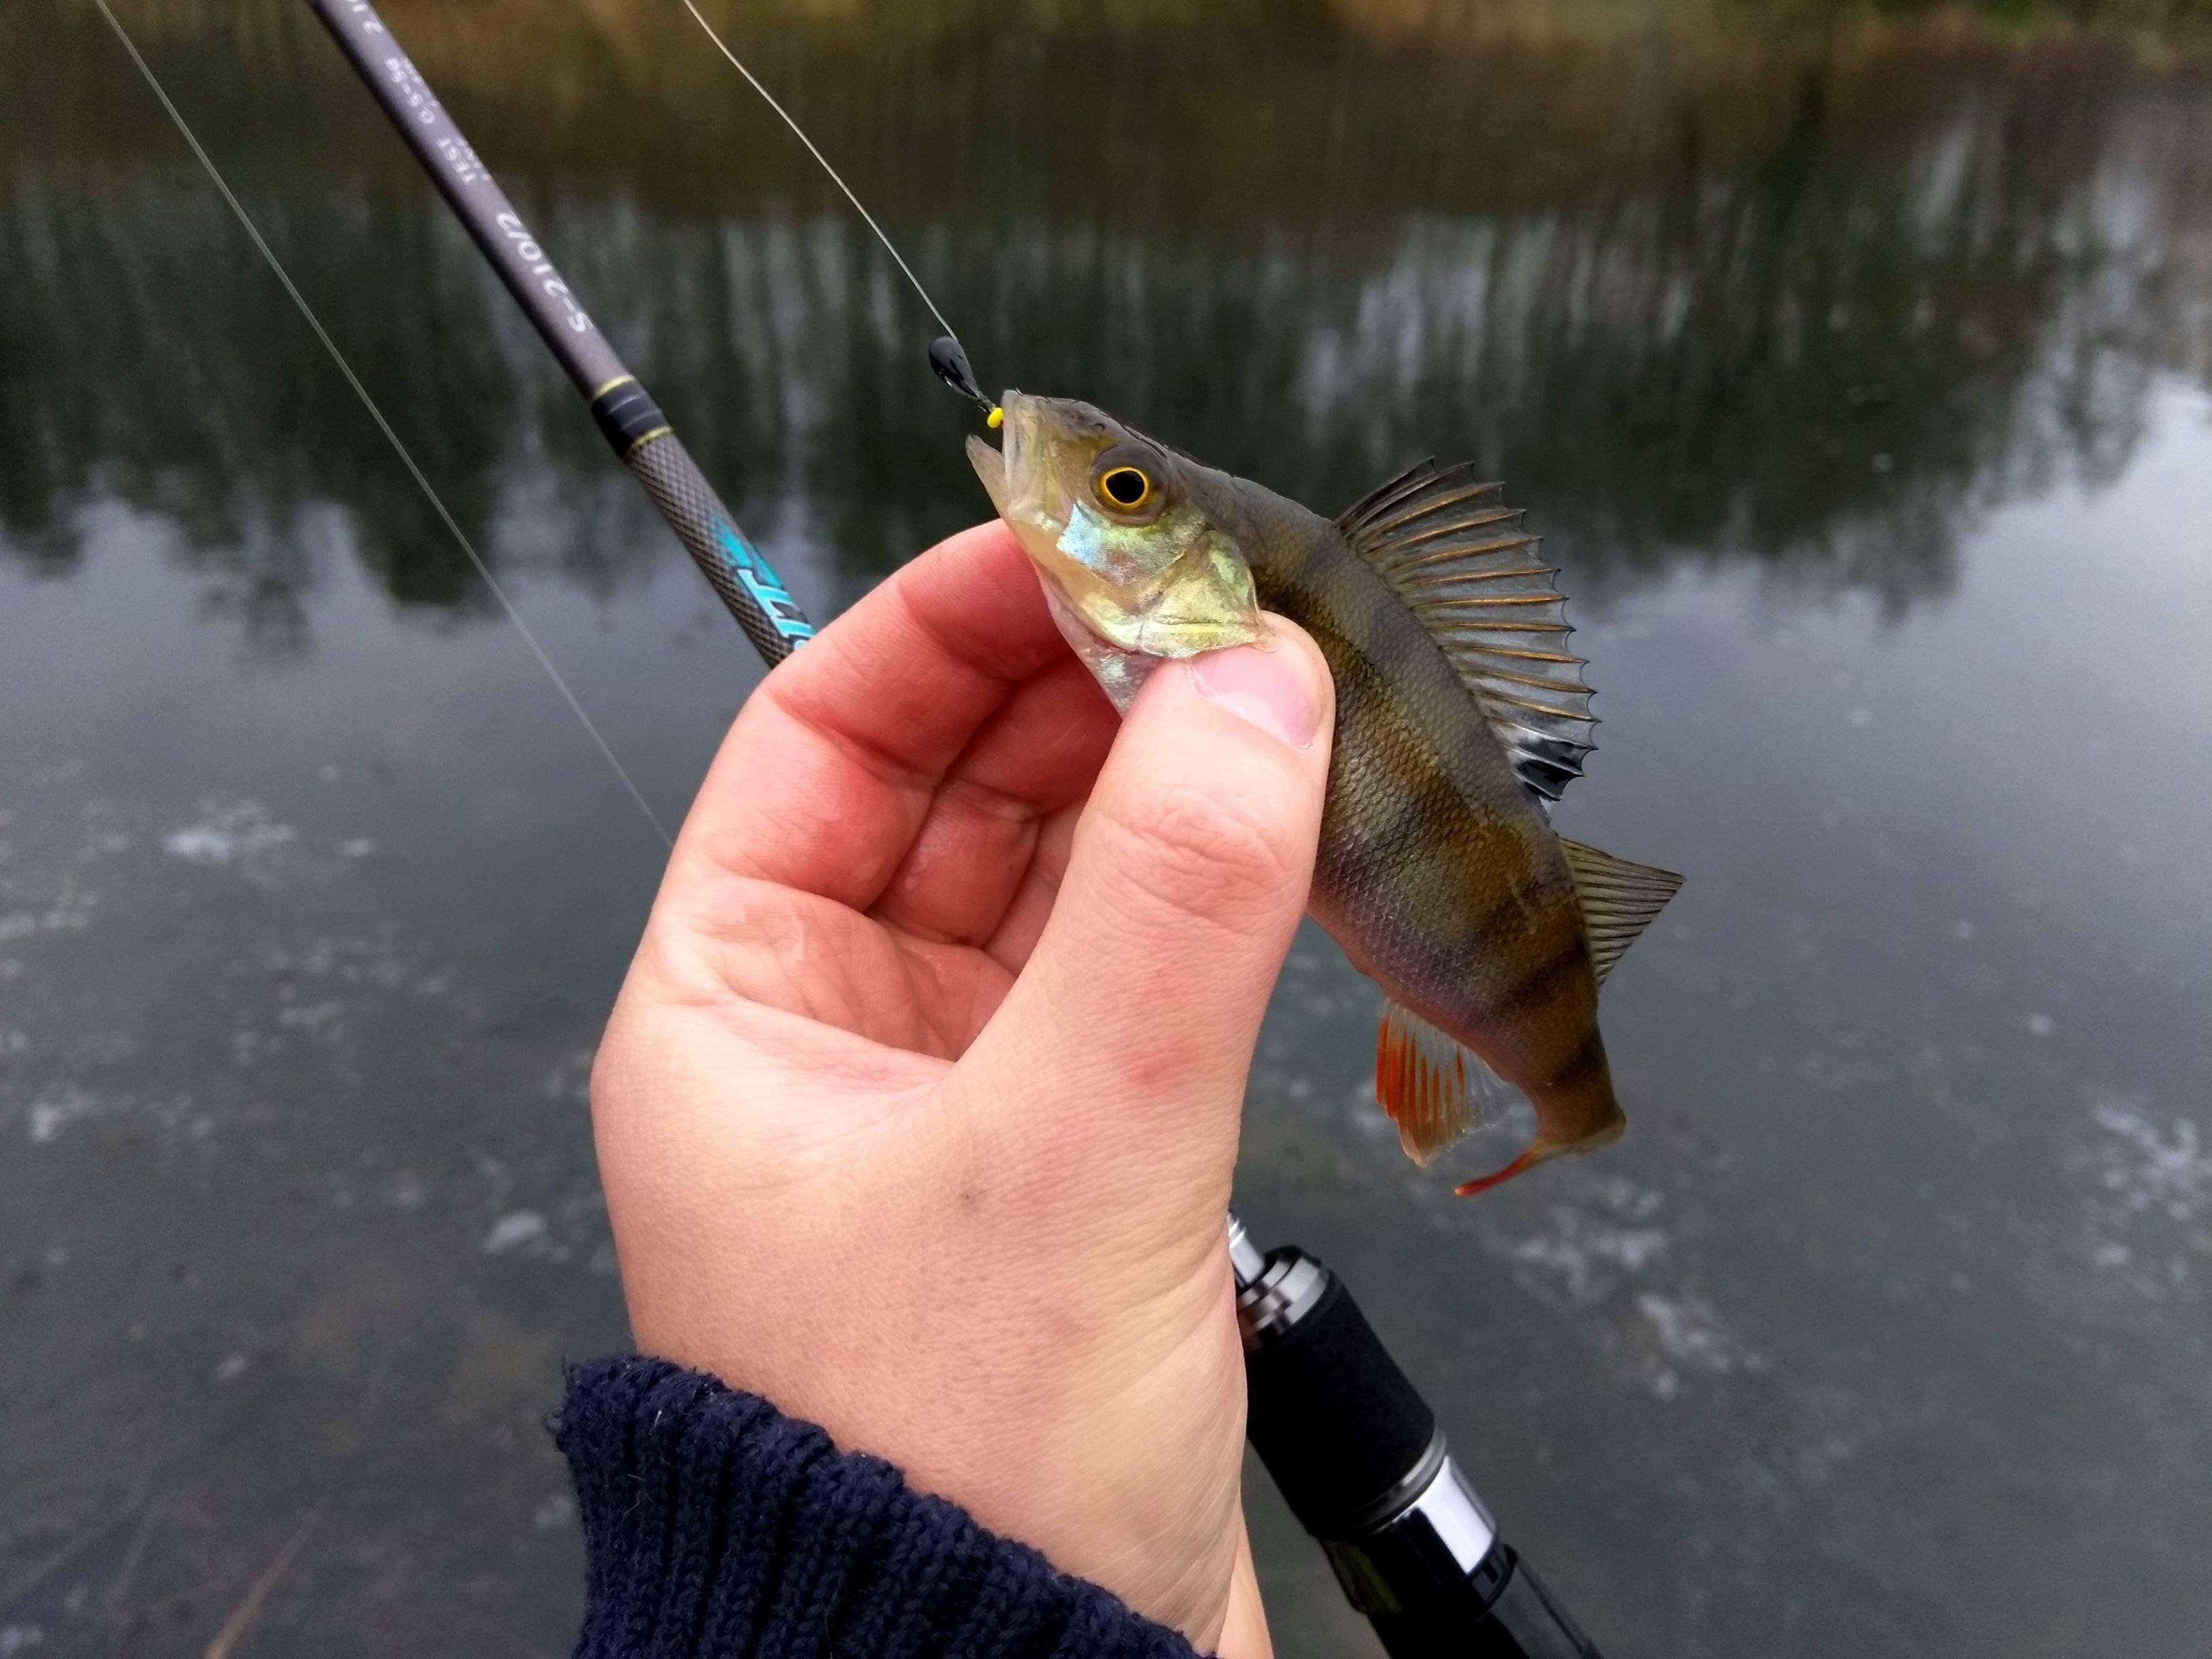 Блог сергея балашова. джиг на малой реке: моя любимая оснастка. 5 февраля 2019 г. рыболовный блог